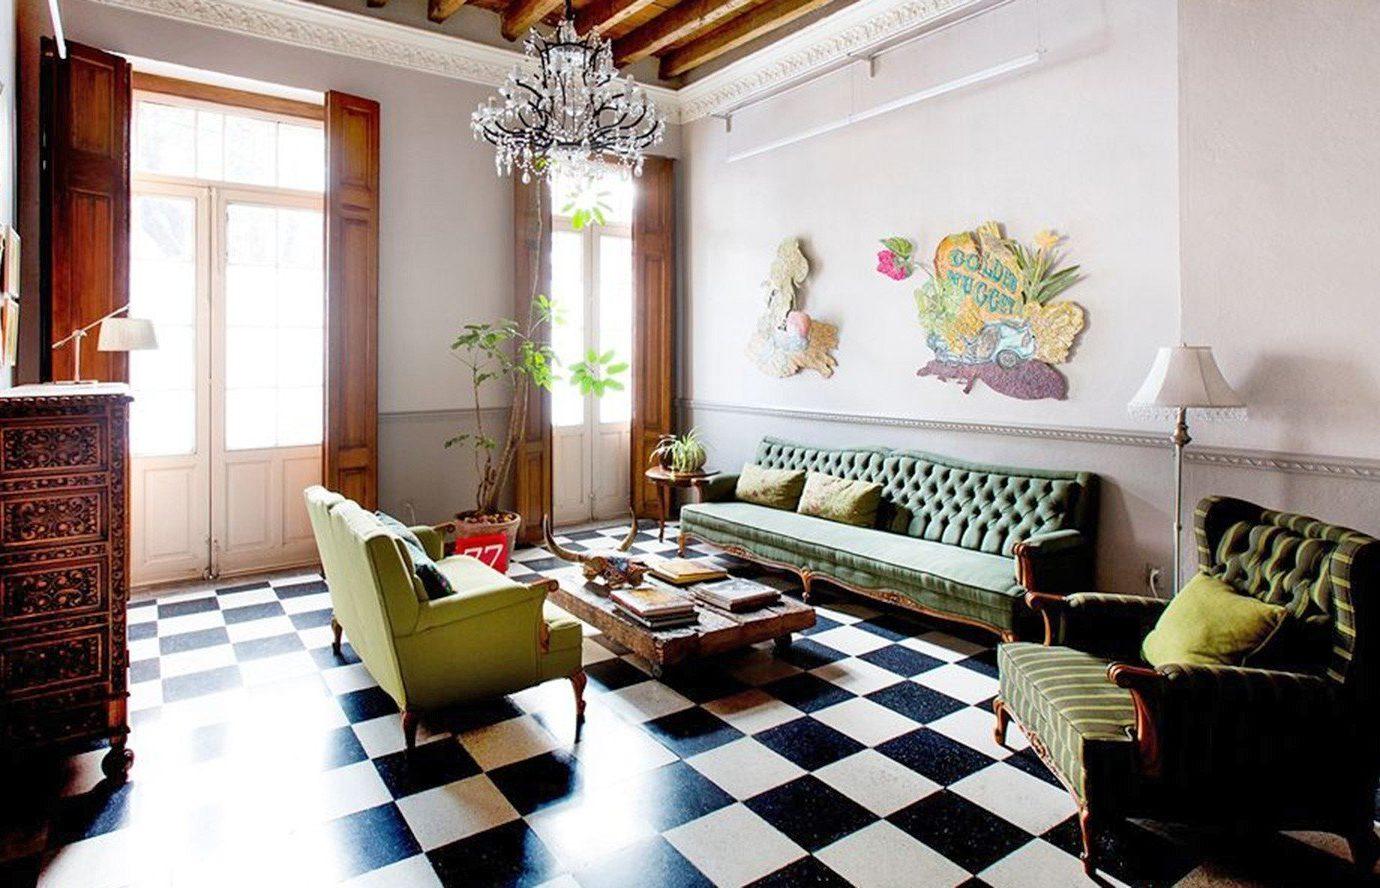 Budget indoor Living living room room floor property home estate interior design condominium real estate dining room cottage Design Suite apartment mansion Villa furniture